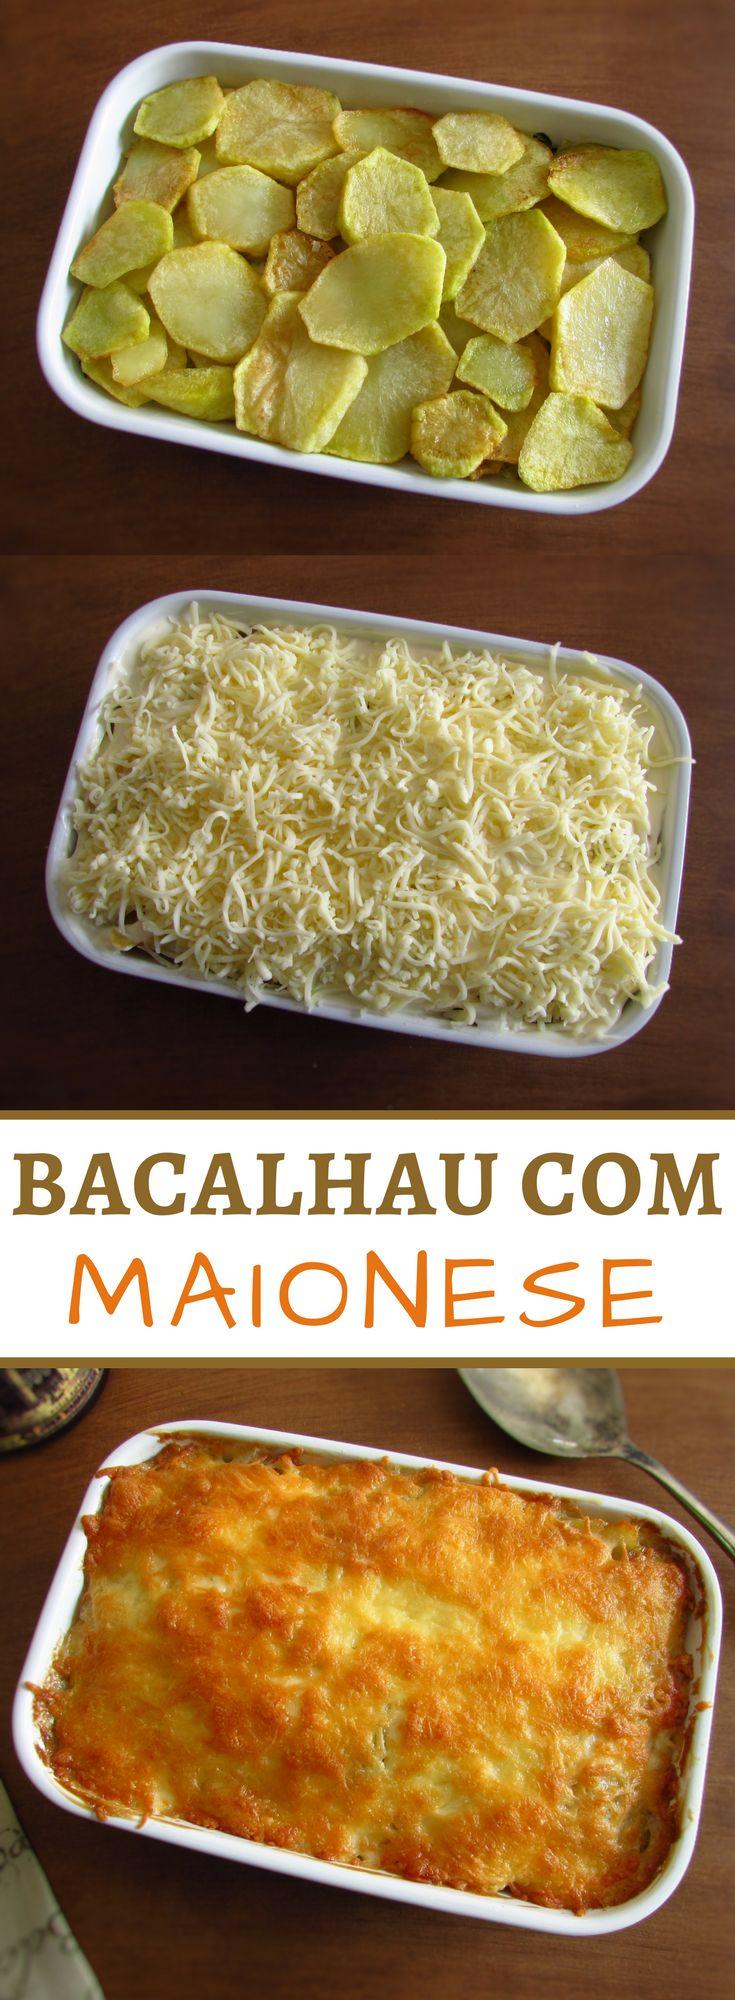 Bacalhau com maionese | Food From Portugal. Para inovar as suas receitas de bacalhau, aqui tem uma excelente opção. Prepare esta receita de bacalhau com maionese no forno, é uma delícia e tem óptimo aspecto! #receita #bacalhau #maionese